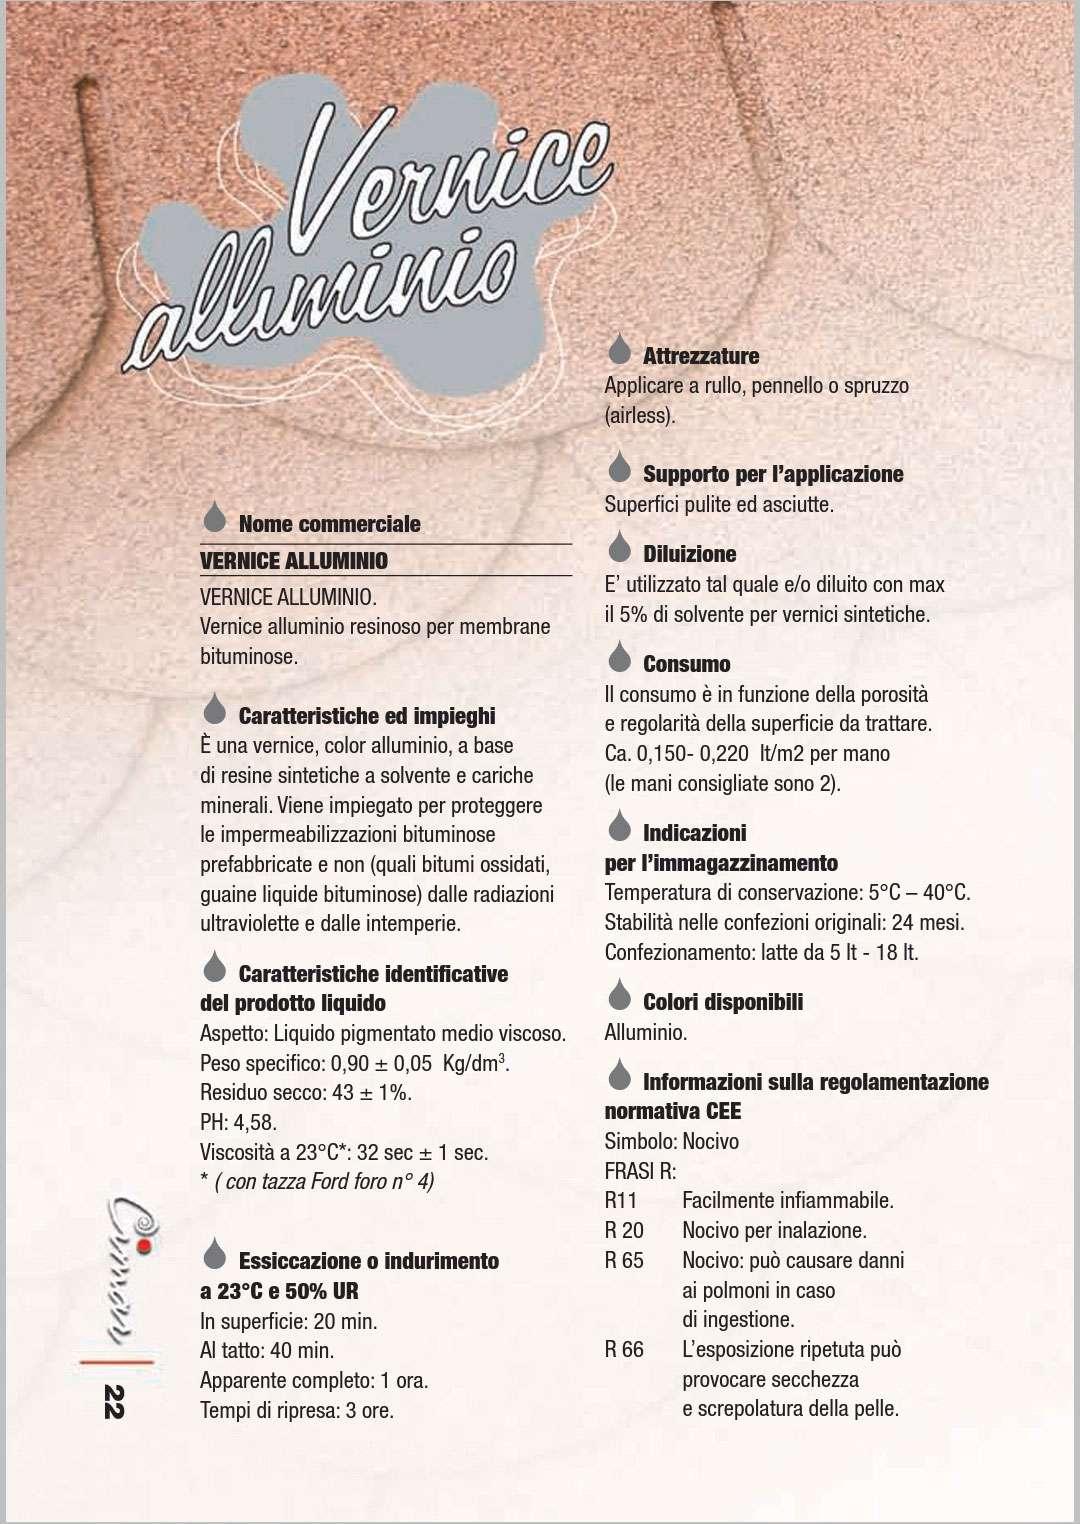 CIM-VERNICE-ALLUMINIO